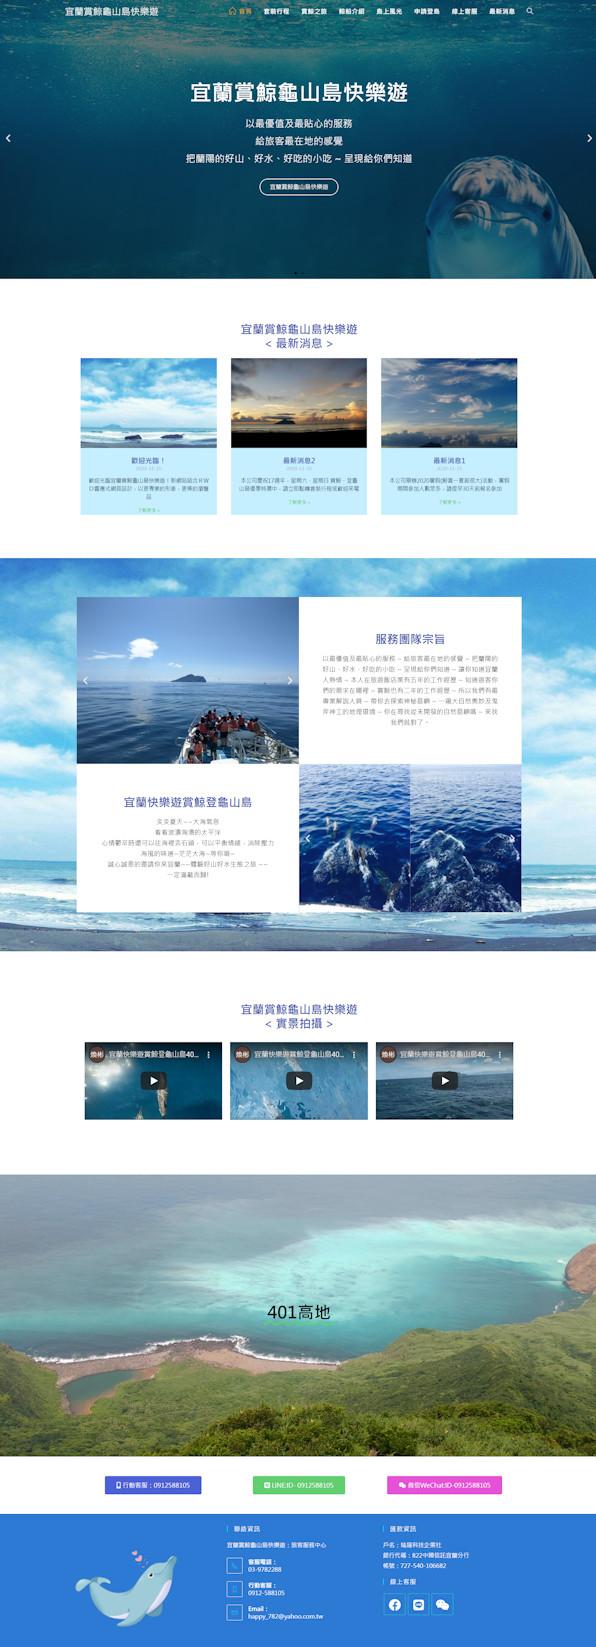 網頁設計-宜蘭賞鯨2